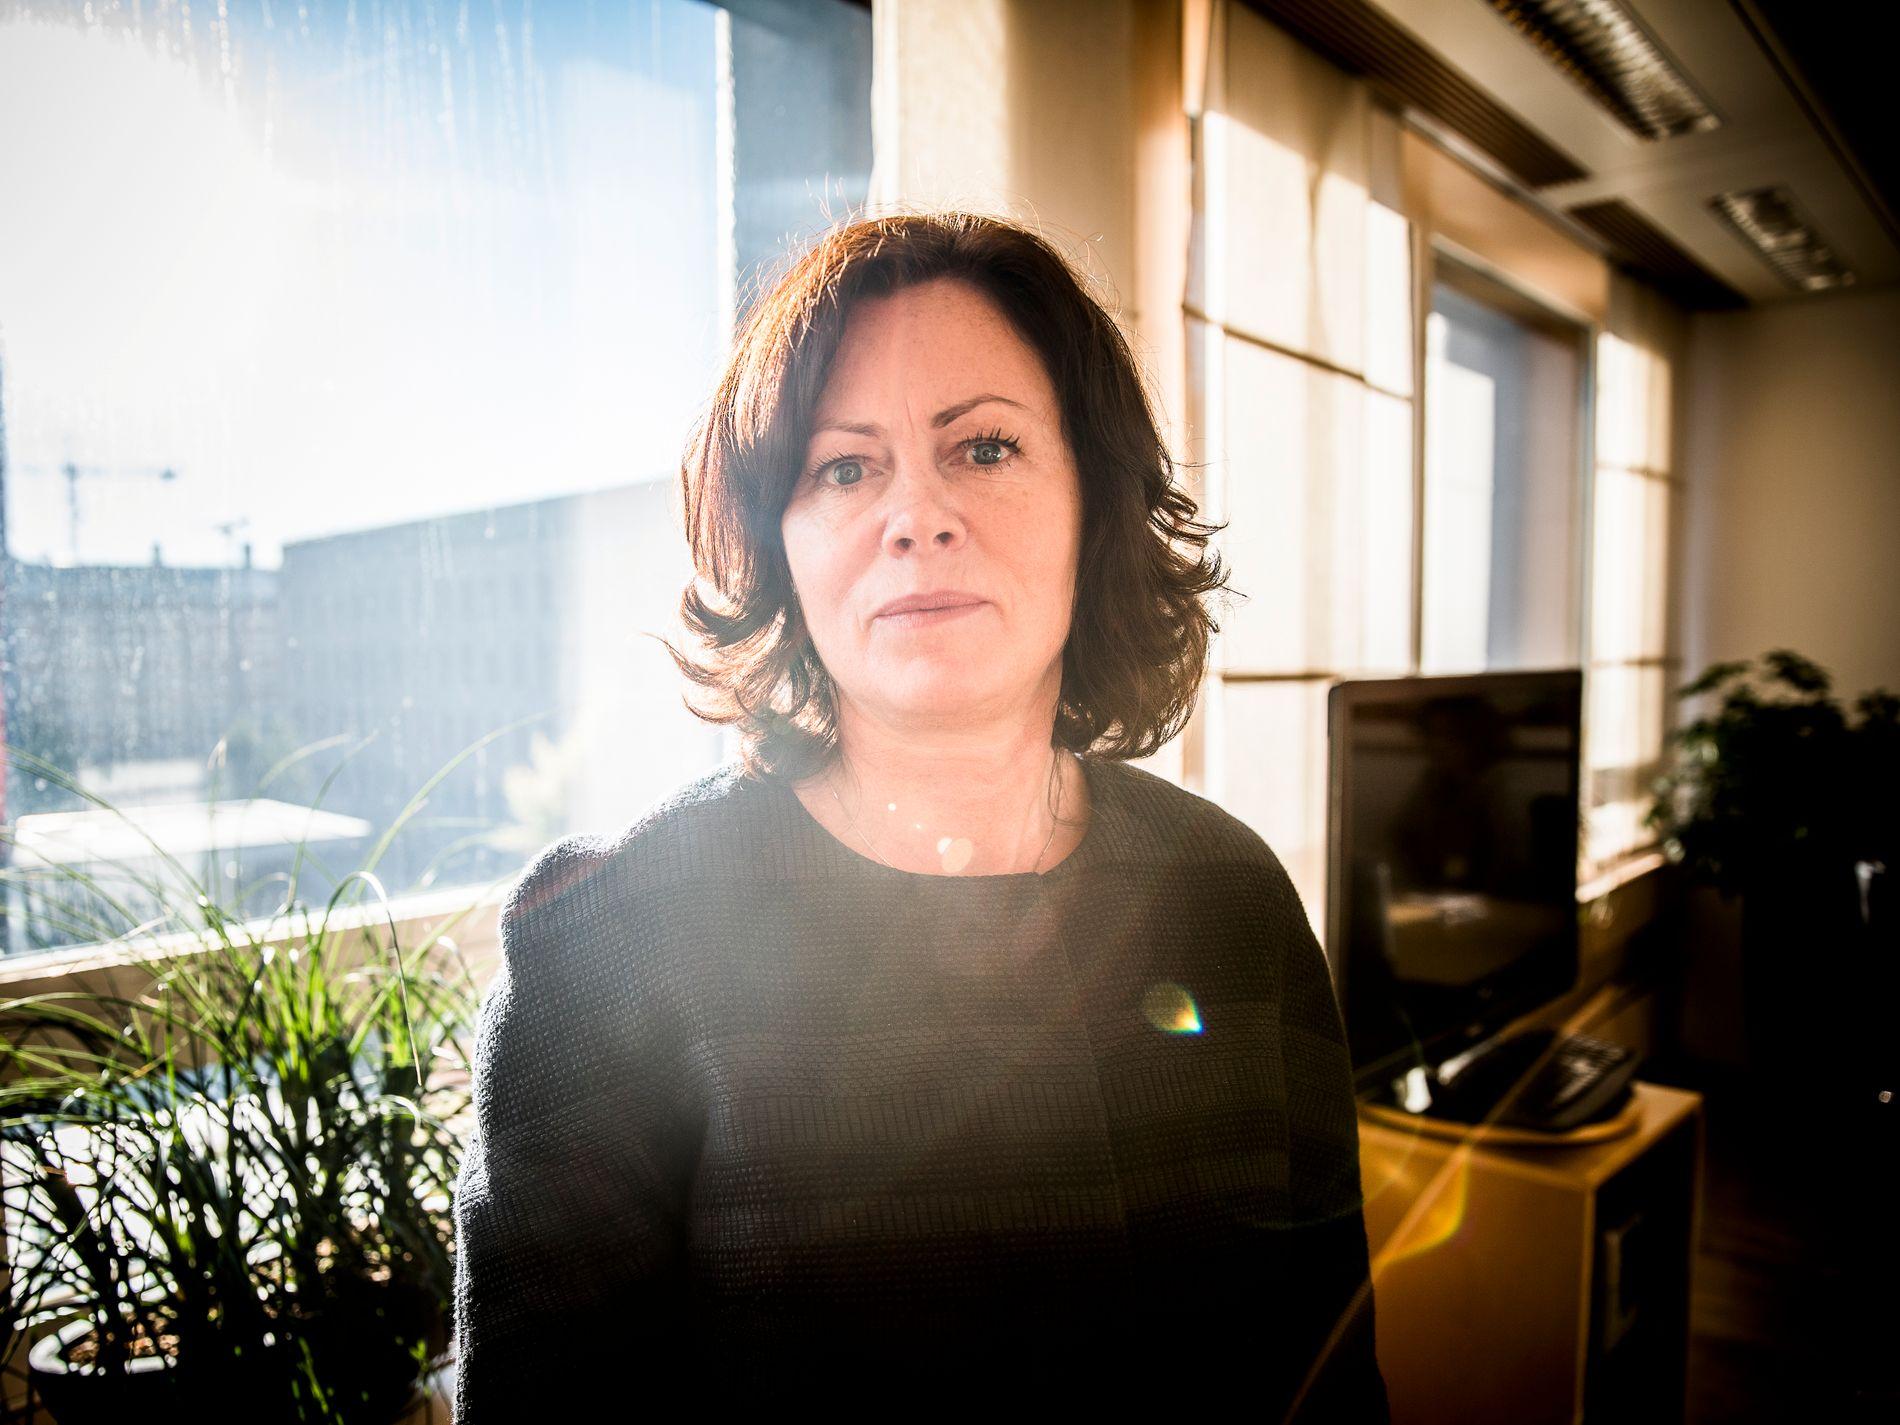 – SVÆRT UHELDIG: Barne- og likestillingsminister Solveig Horne mener dobbeltroller i barnevernet er uakseptabelt.